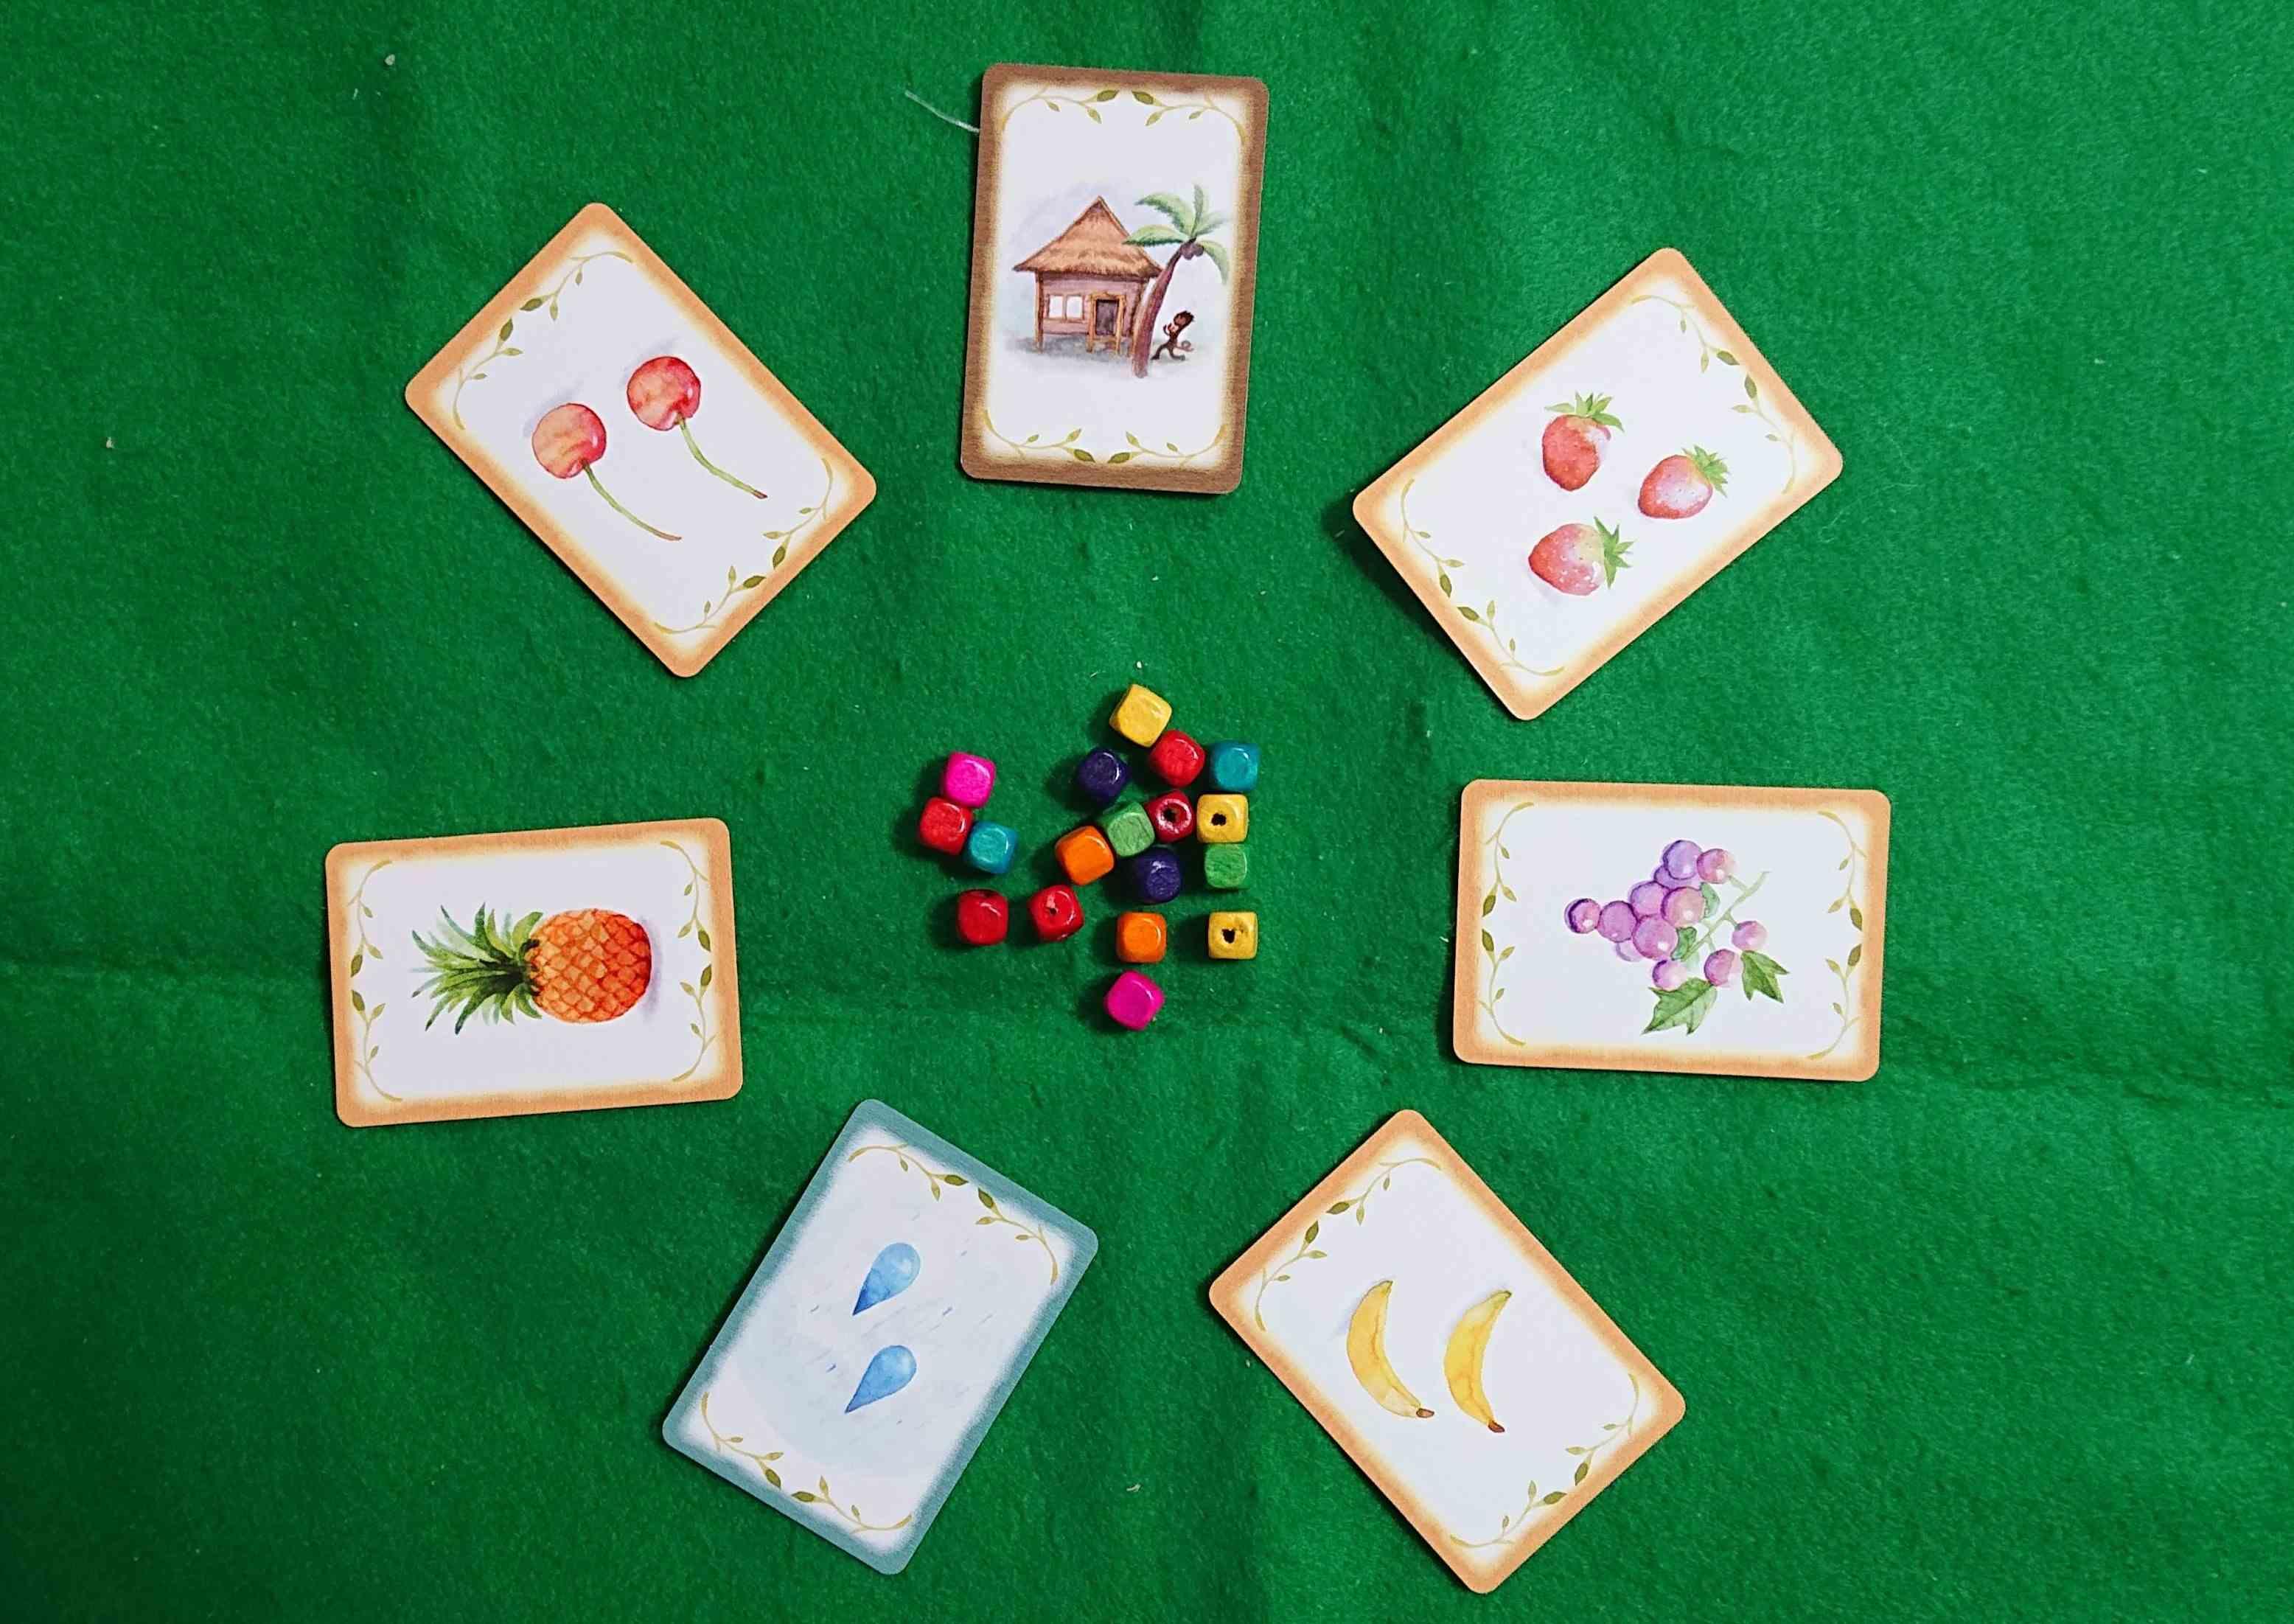 くだものあつめ(Furit Picking) 子供と一緒にマンカラシステムで遊びましょう! カードゲーム ボードゲーム